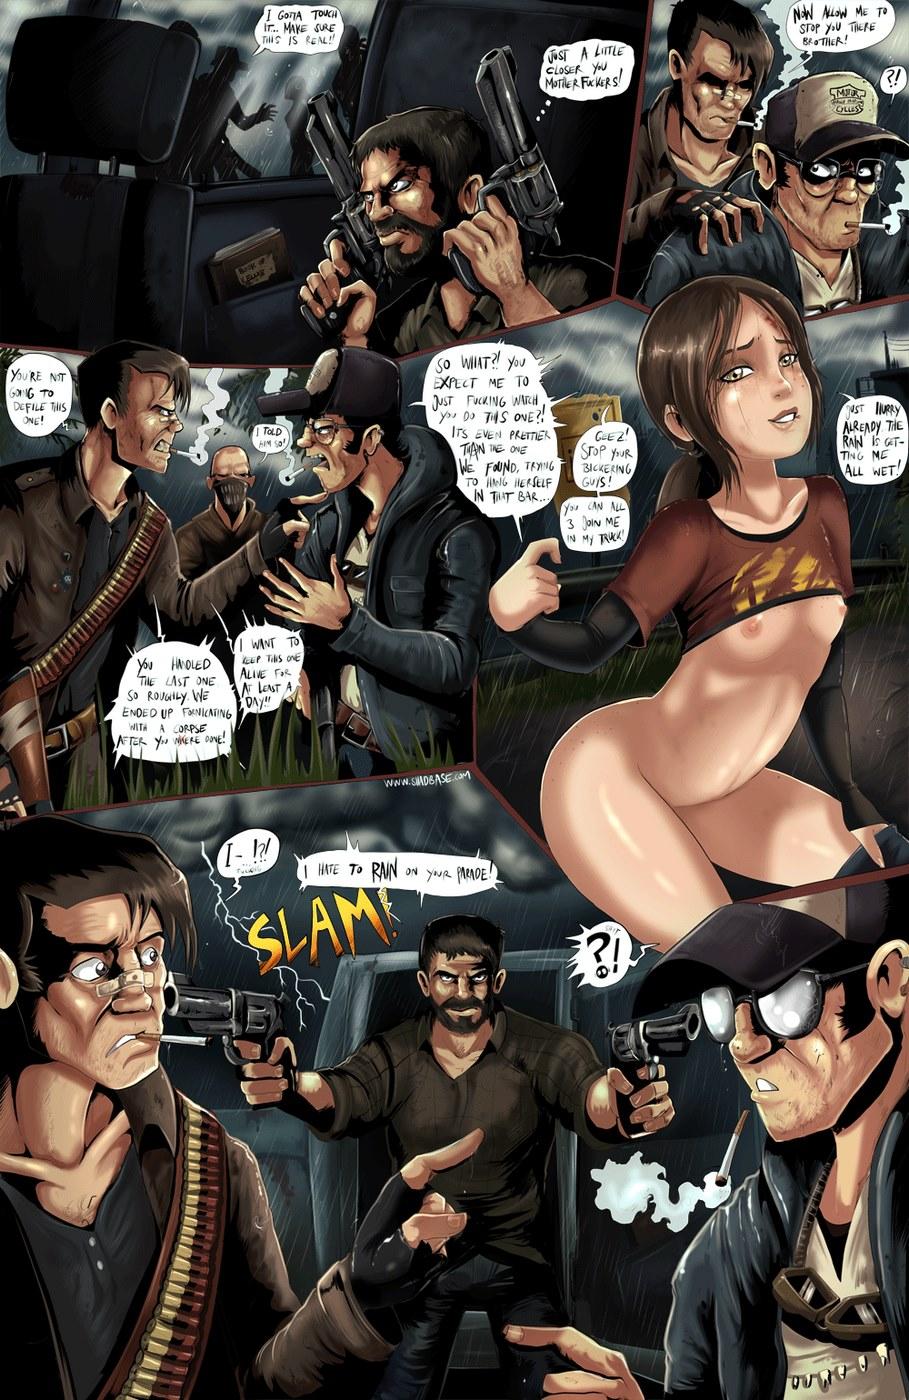 gadget erotica gallery